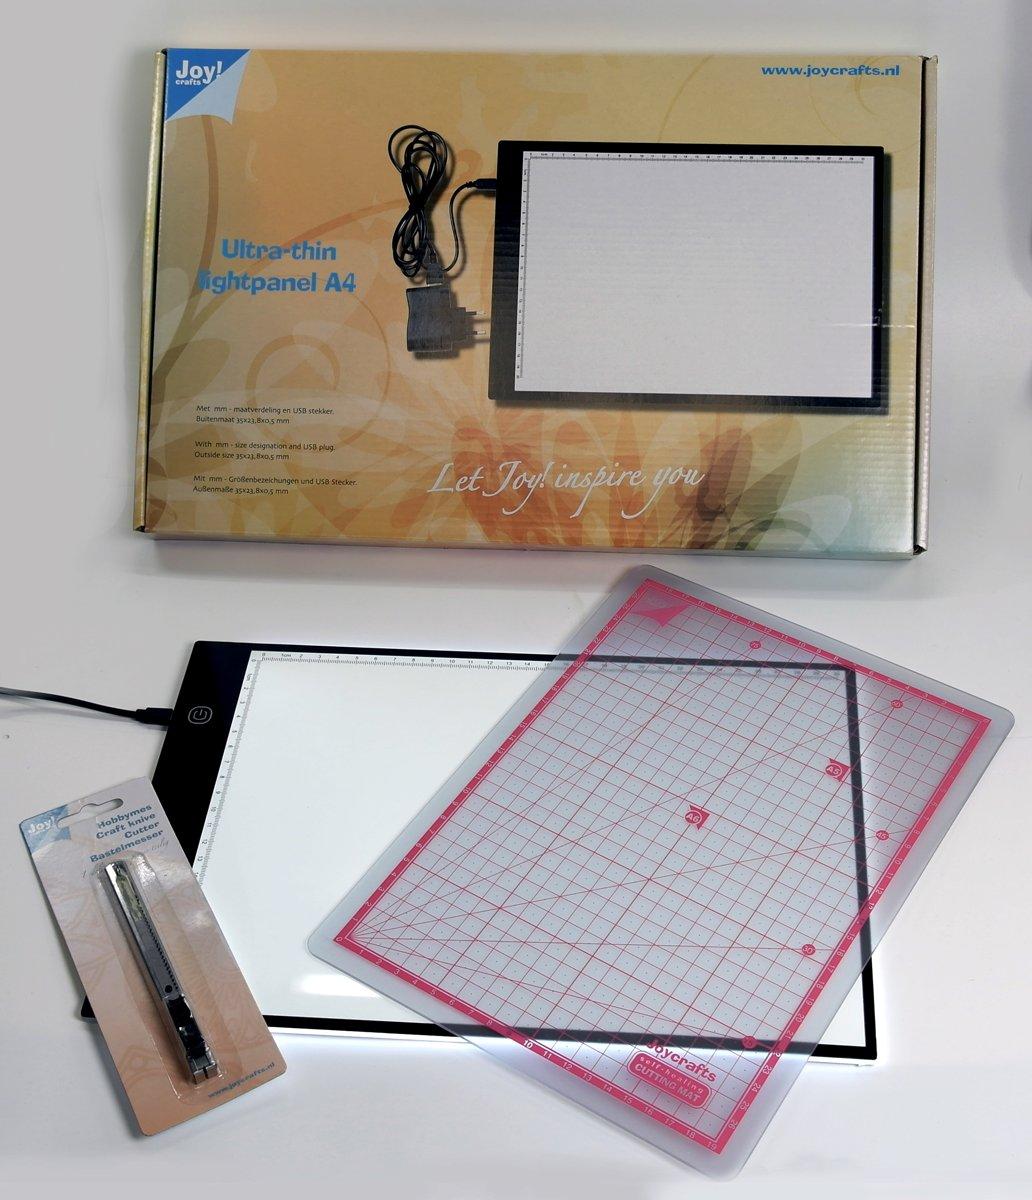 Joycrafts Lichtpaneel / Lichtbak dimbaar A4 met gratis mat en snijmes 1000/0001 kopen